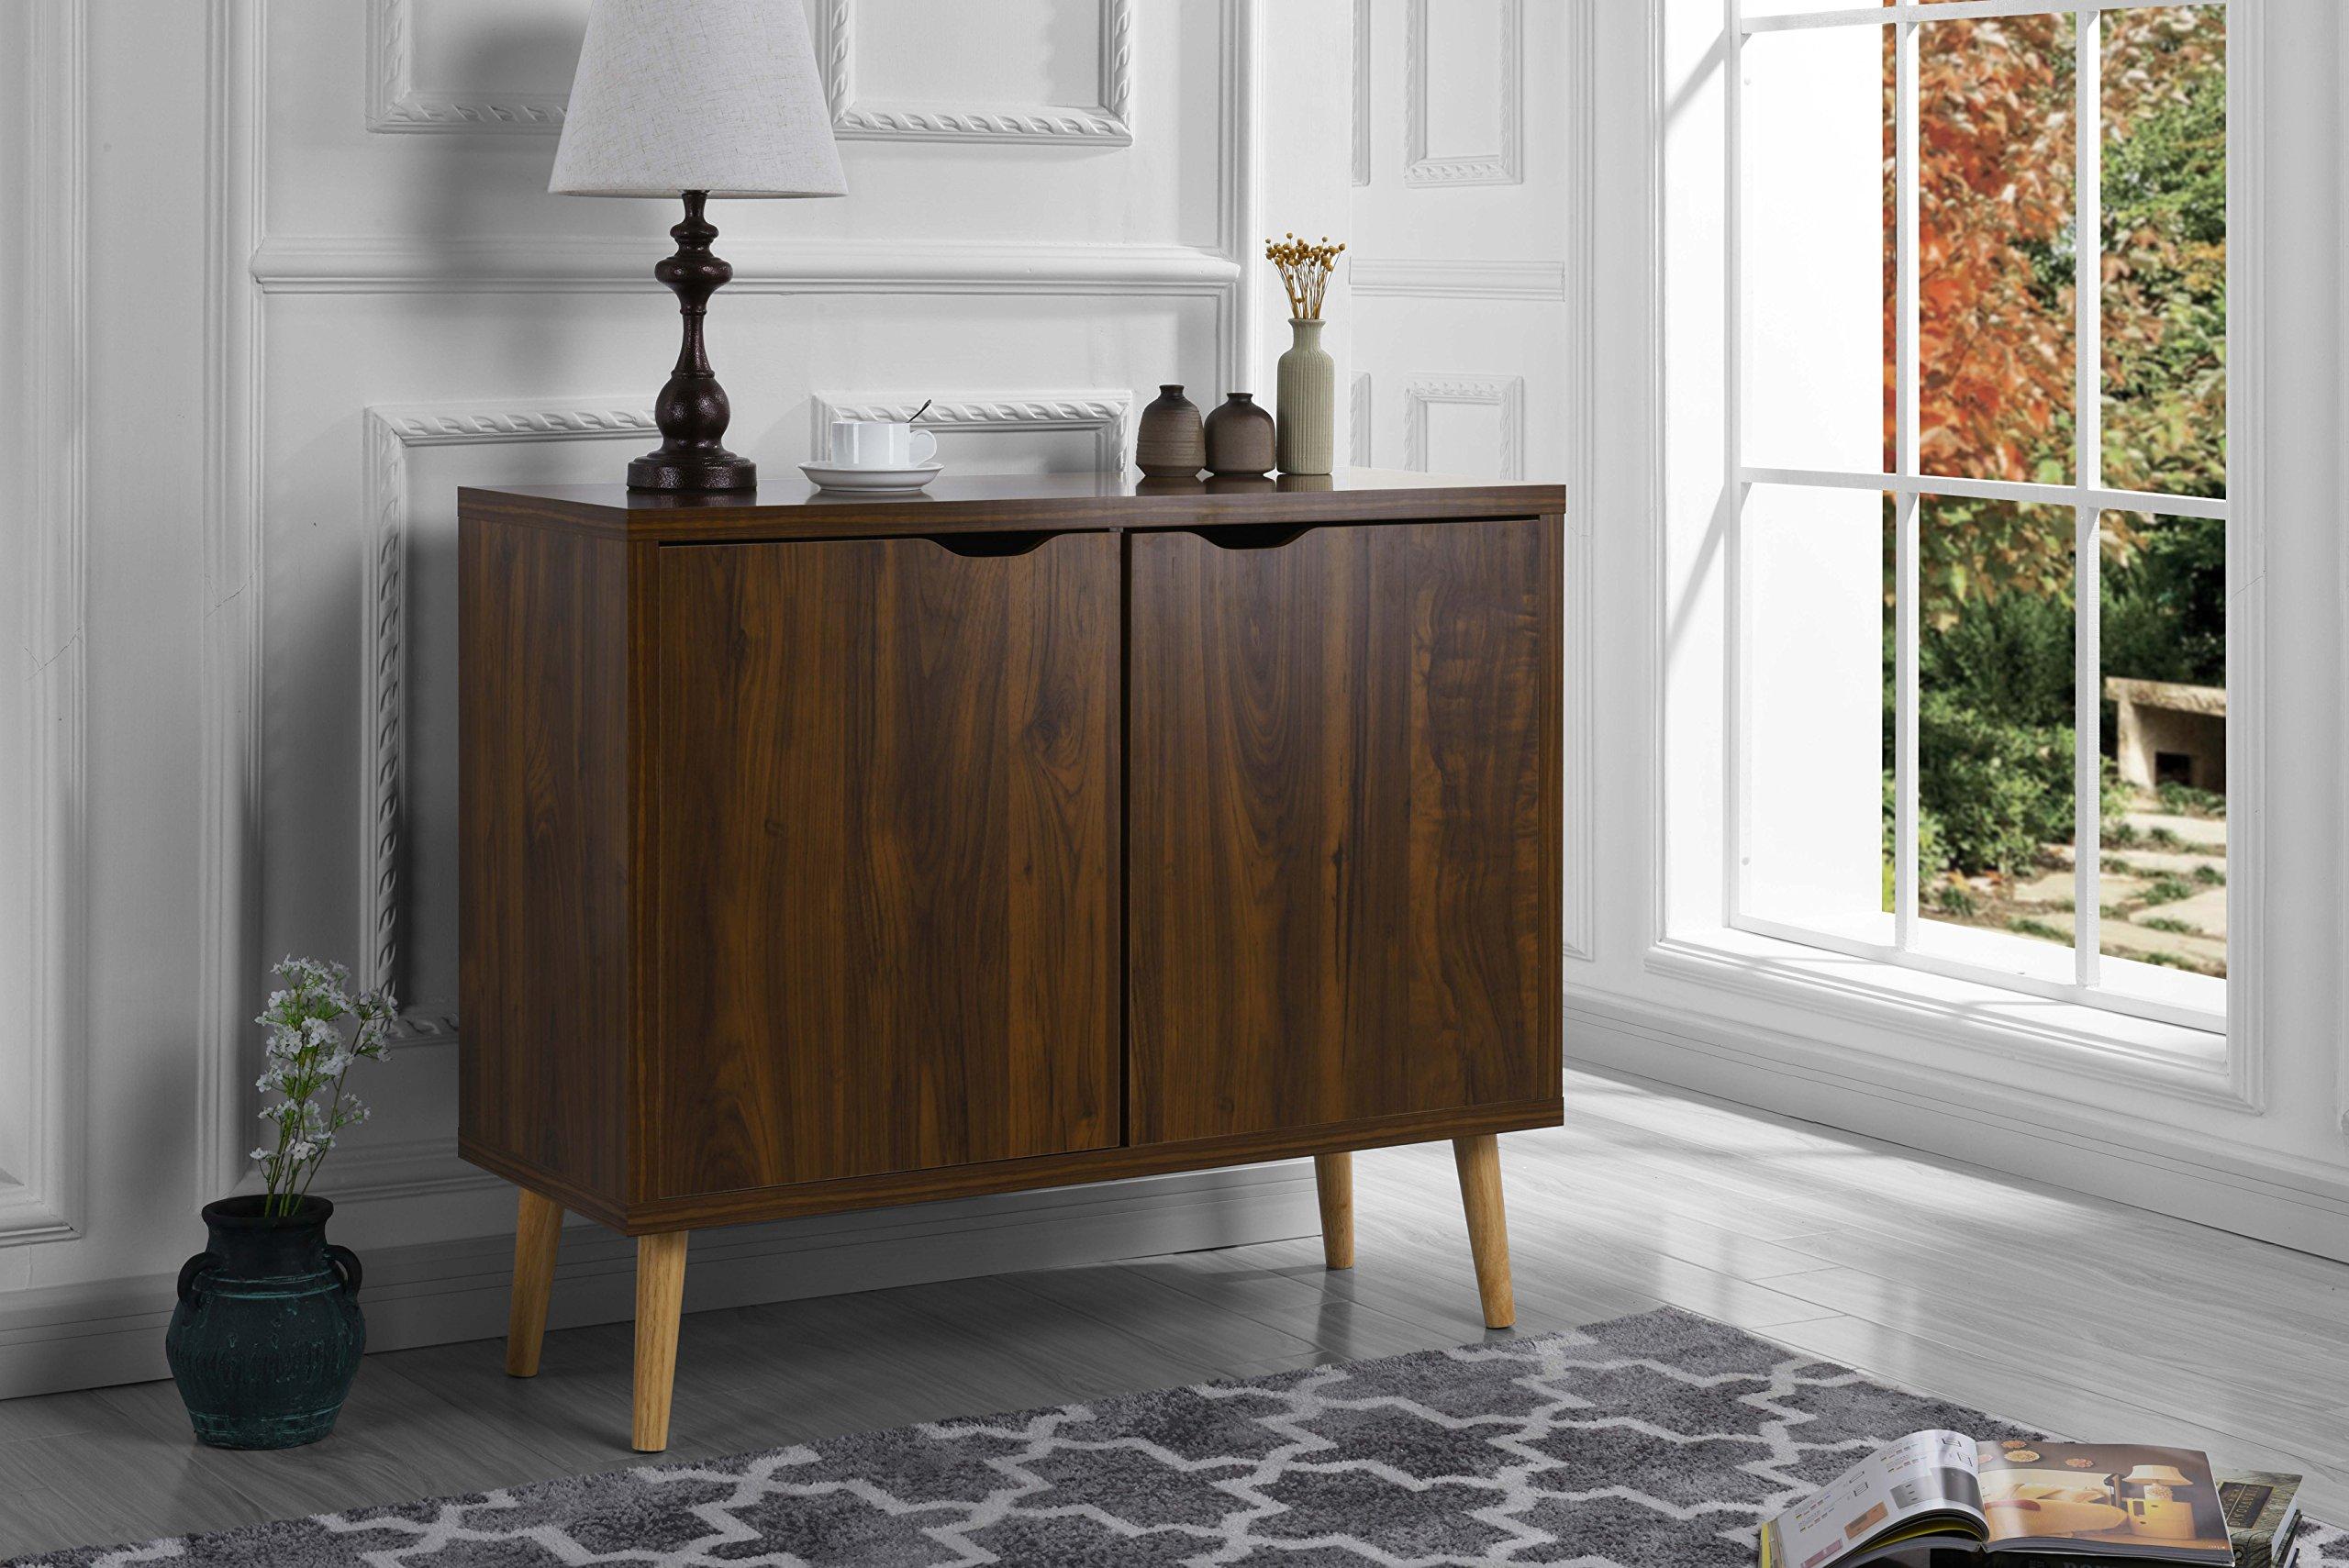 Mid-Century Modern 2 Door Entryway Home Storage Cabinet, TV Stand with Cupboard Doors (Brown)